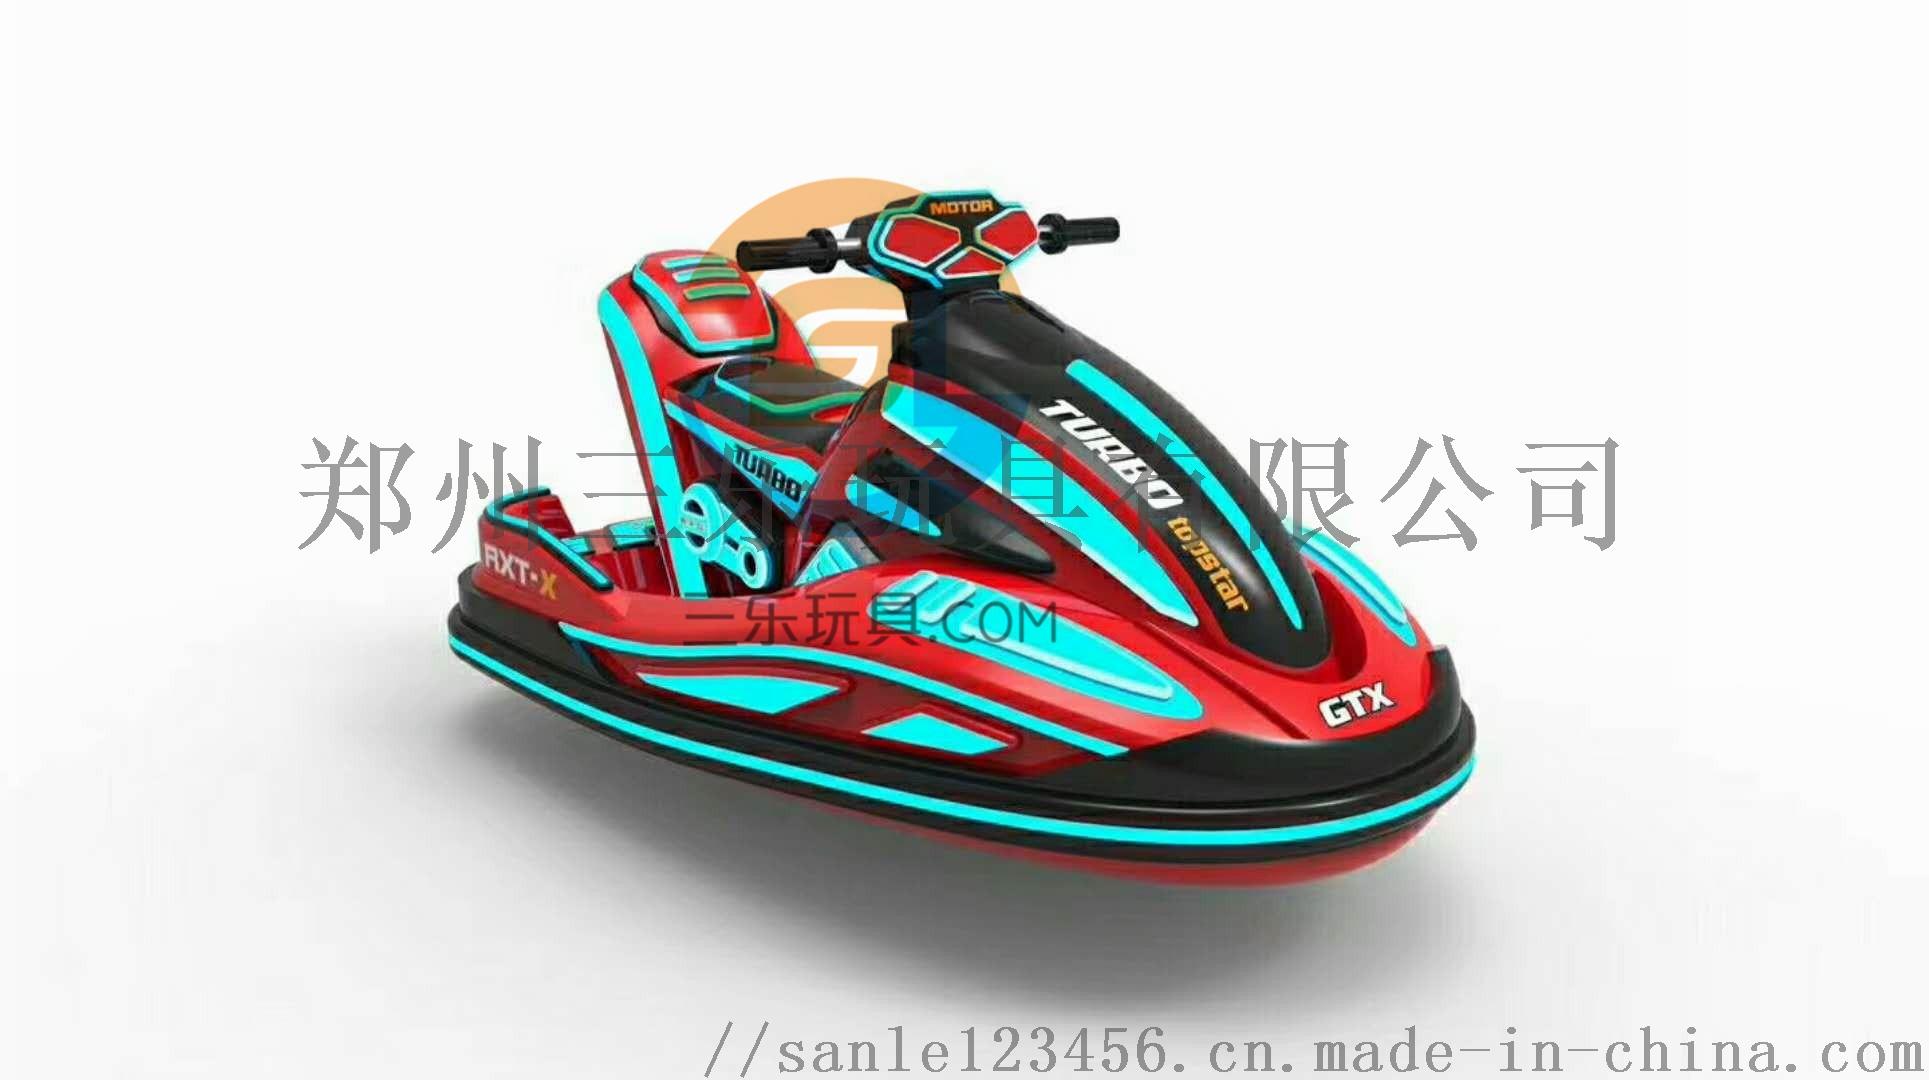 摩托艇4500.jpg